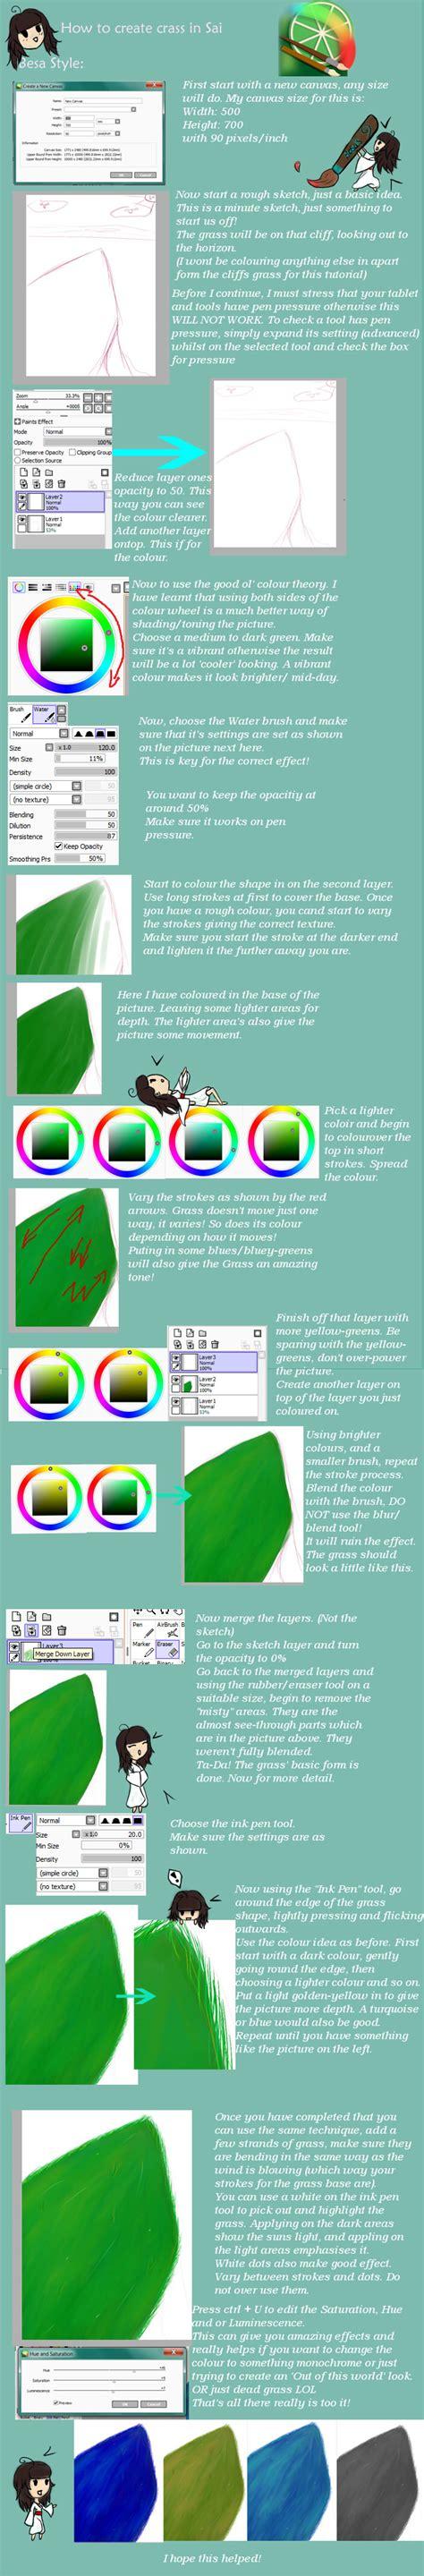 paint tool sai grass tutorial paint tool sai grass tutorial by besachan on deviantart